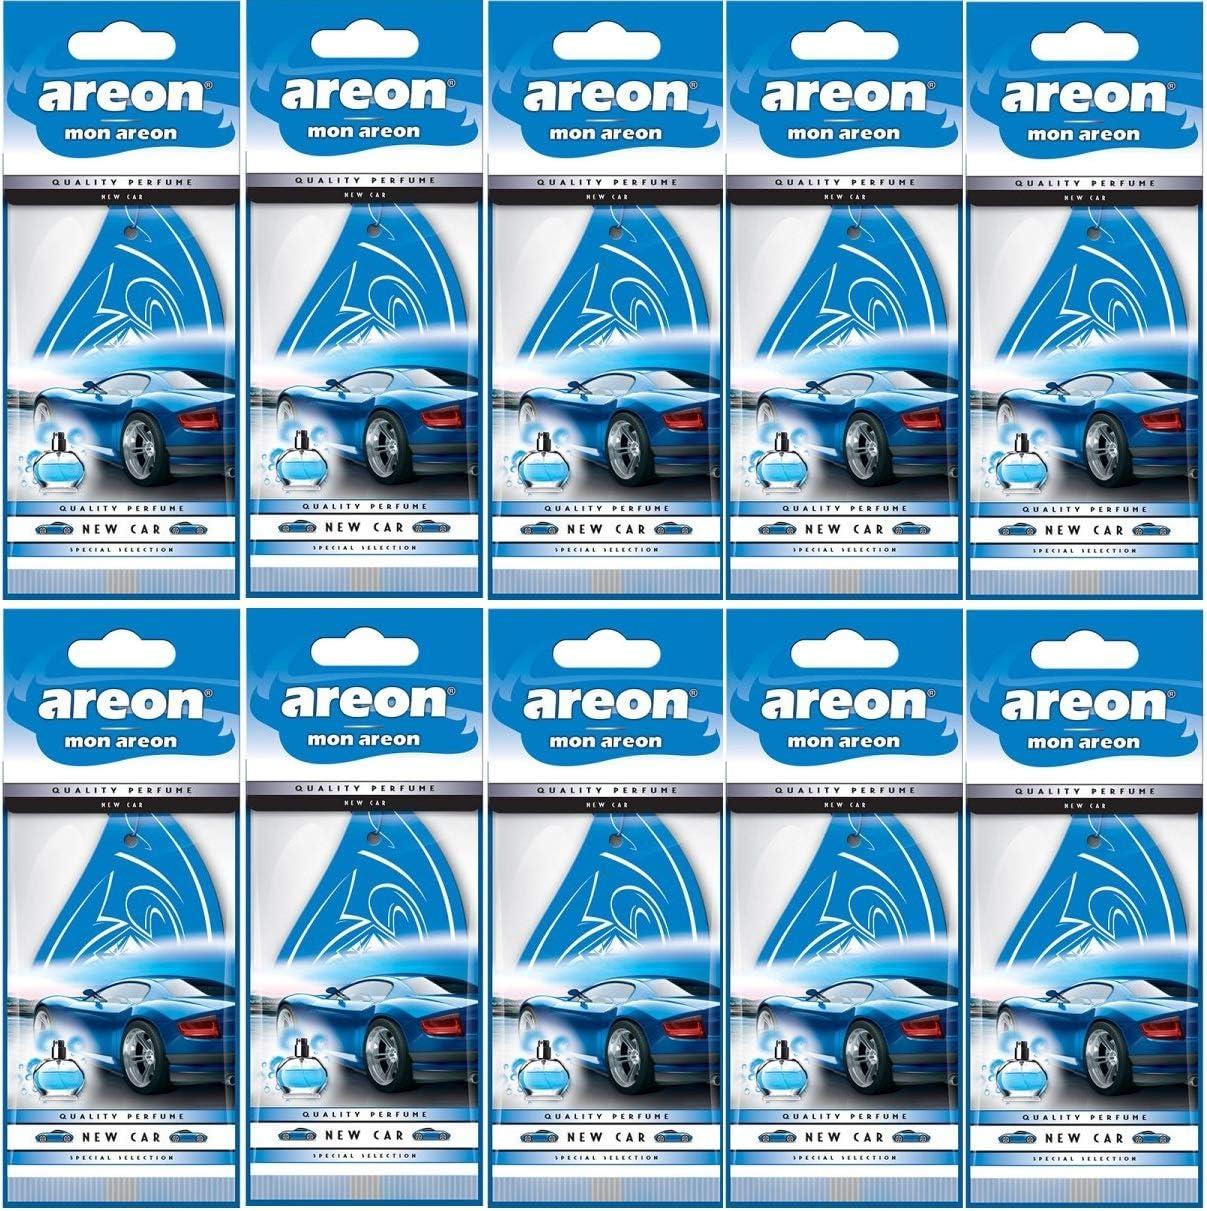 Areon Mon Auto Duft New Car Neues Auto Neuwagen Lufterfrischer Autoduft Blau Hängend Aufhängen Anhänger Spiegel Pappe 2d Wohnung Set Pack X 10 Auto